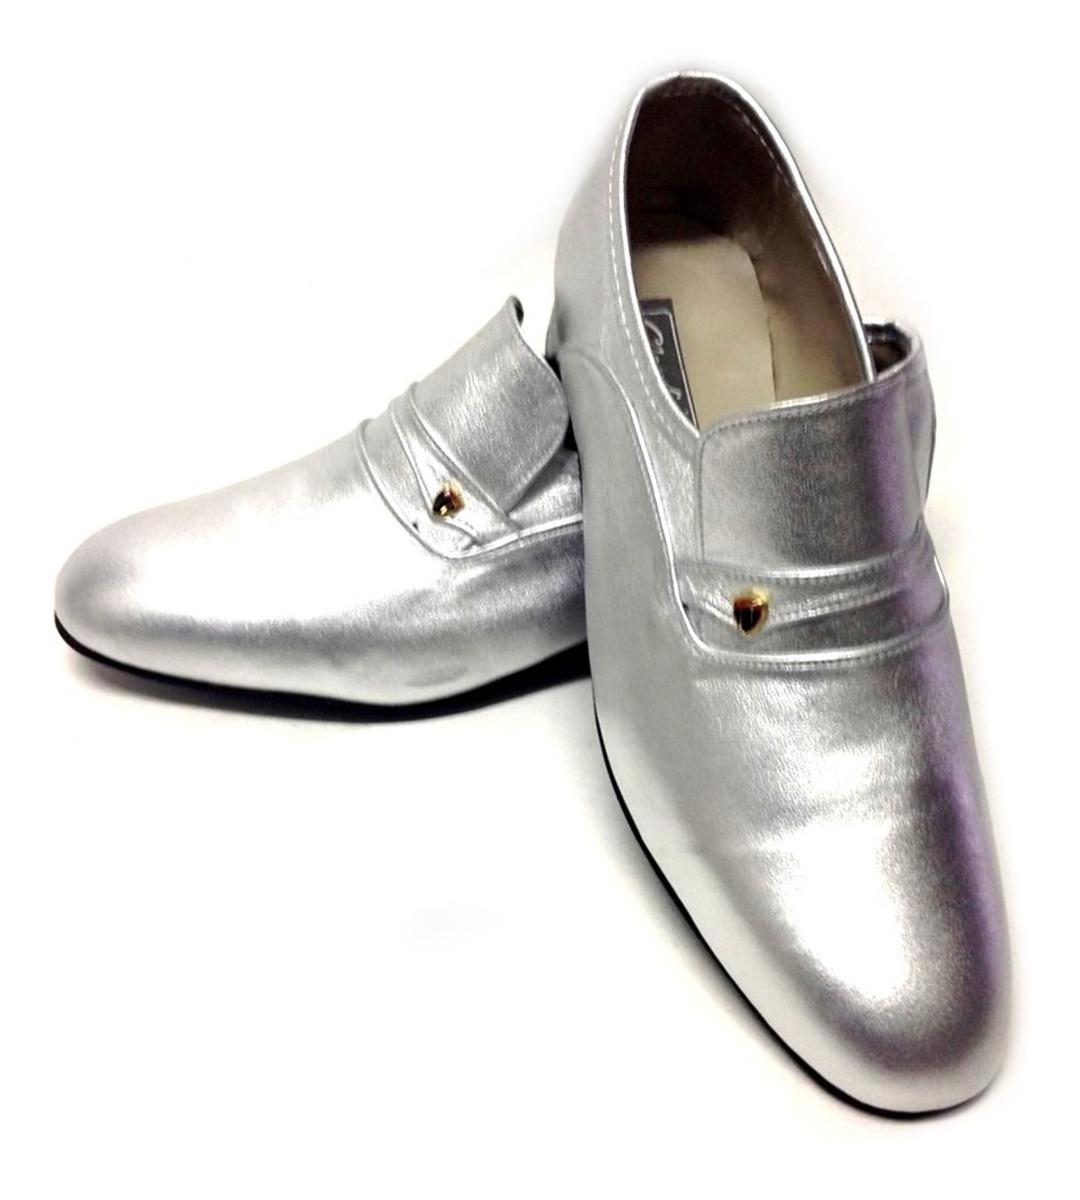 b26f0fb281 sapato social masculino claudiu´s ref.202 couro prata ouro. Carregando zoom.